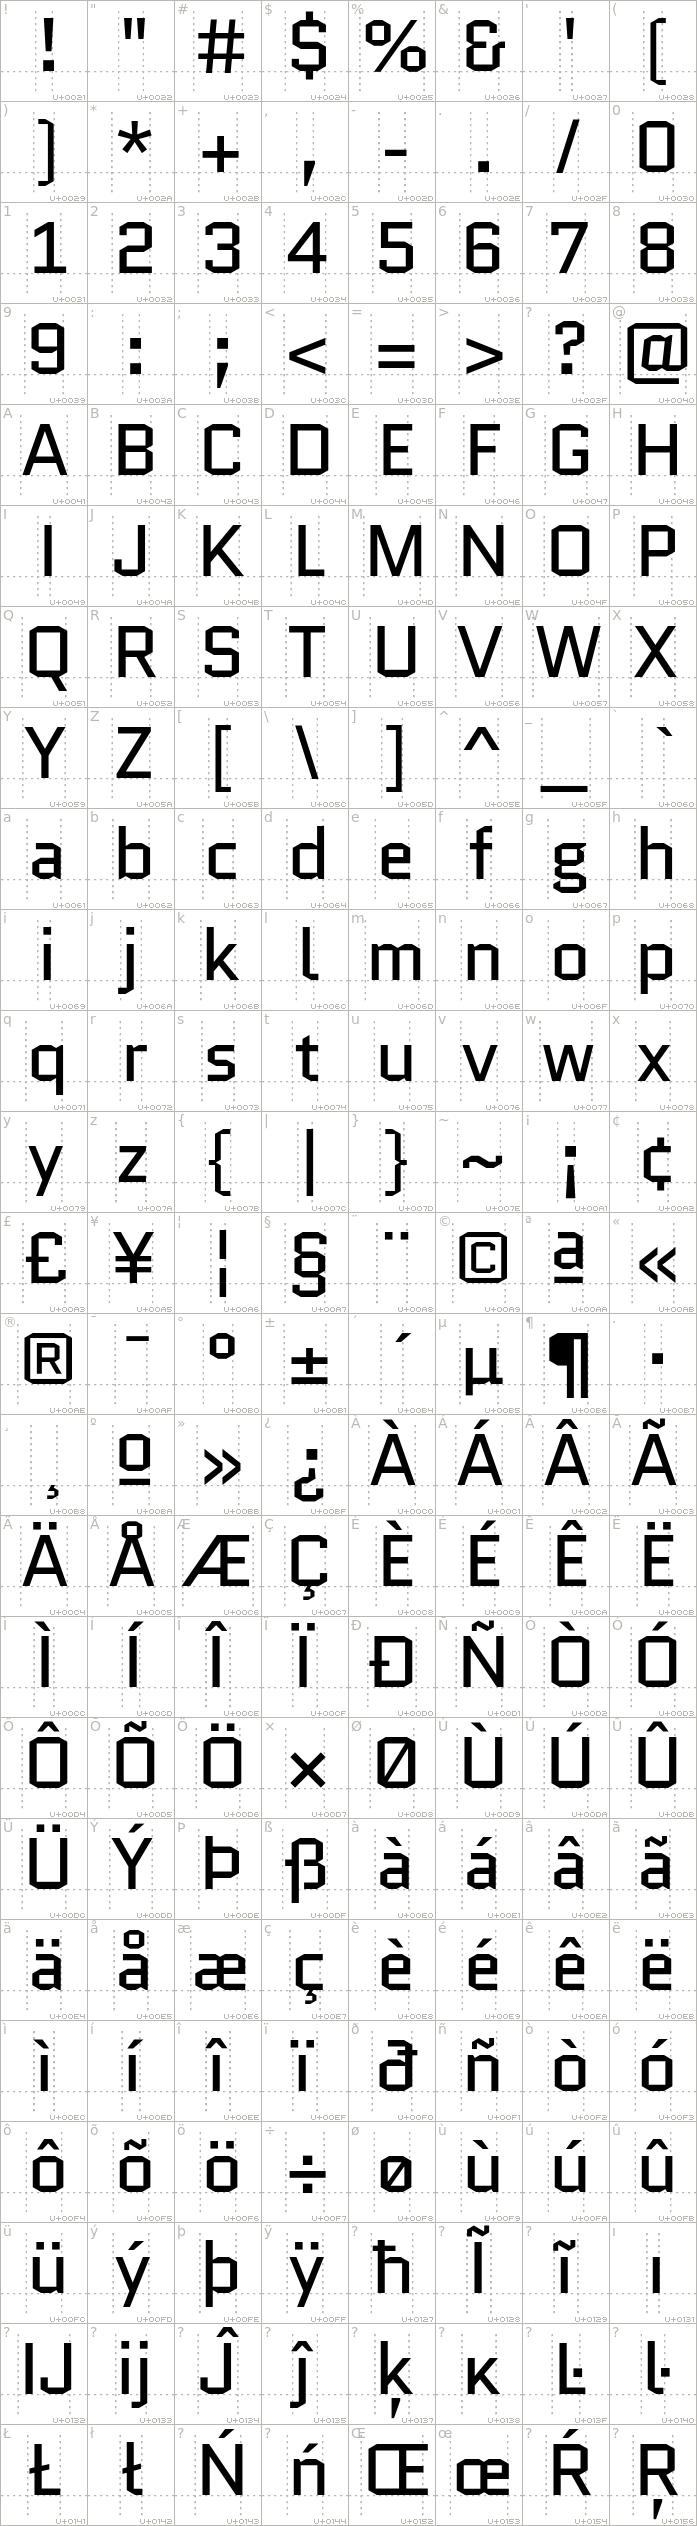 quantico.regular.character-map-1